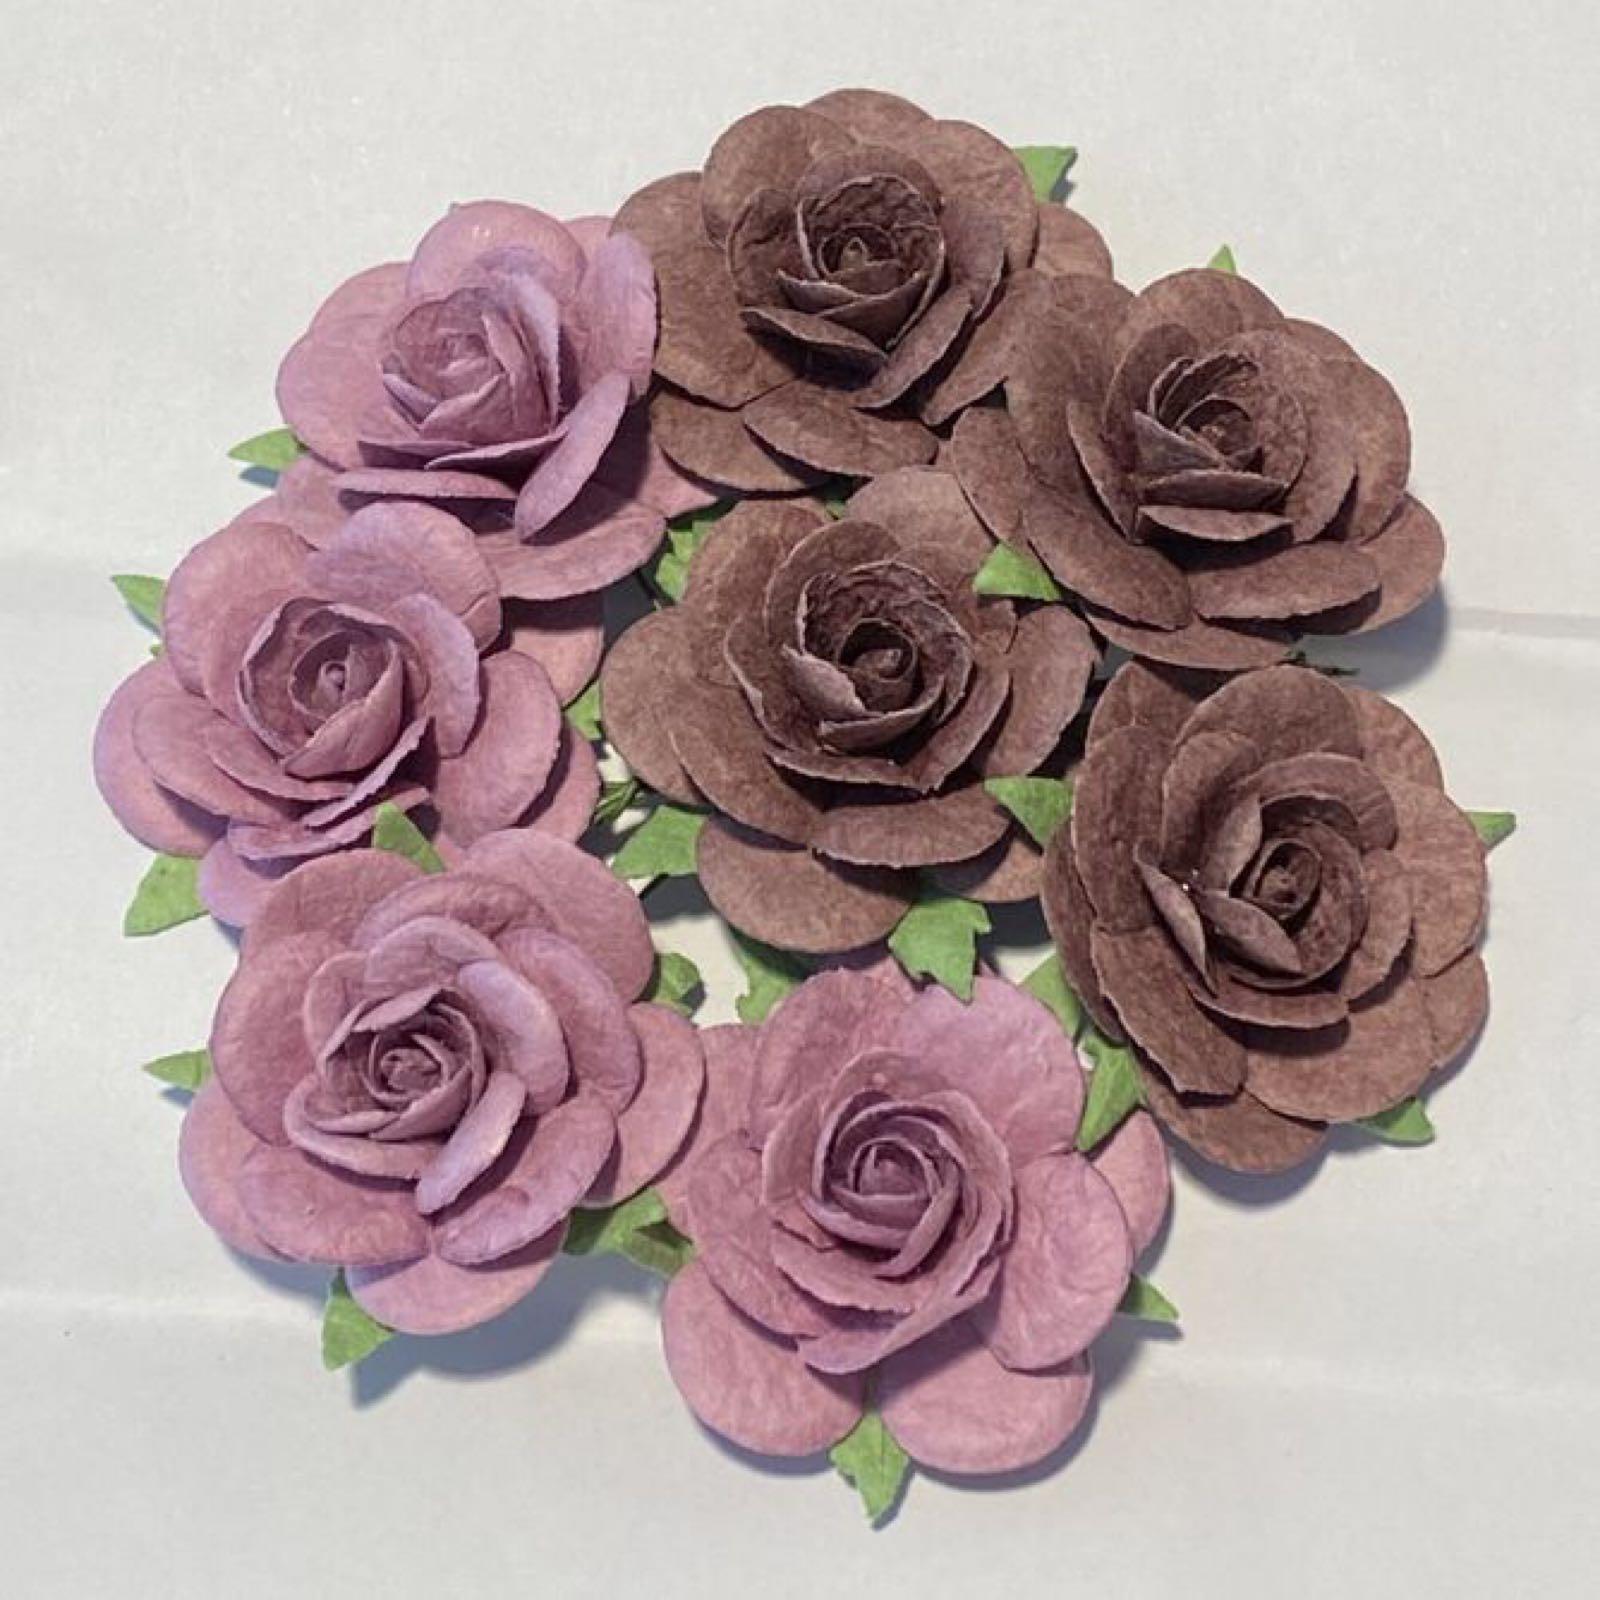 Papirdesign blomster, roser,  lilla/mørkelilla (vintage), 3,5cm. 8 stk pr pk.